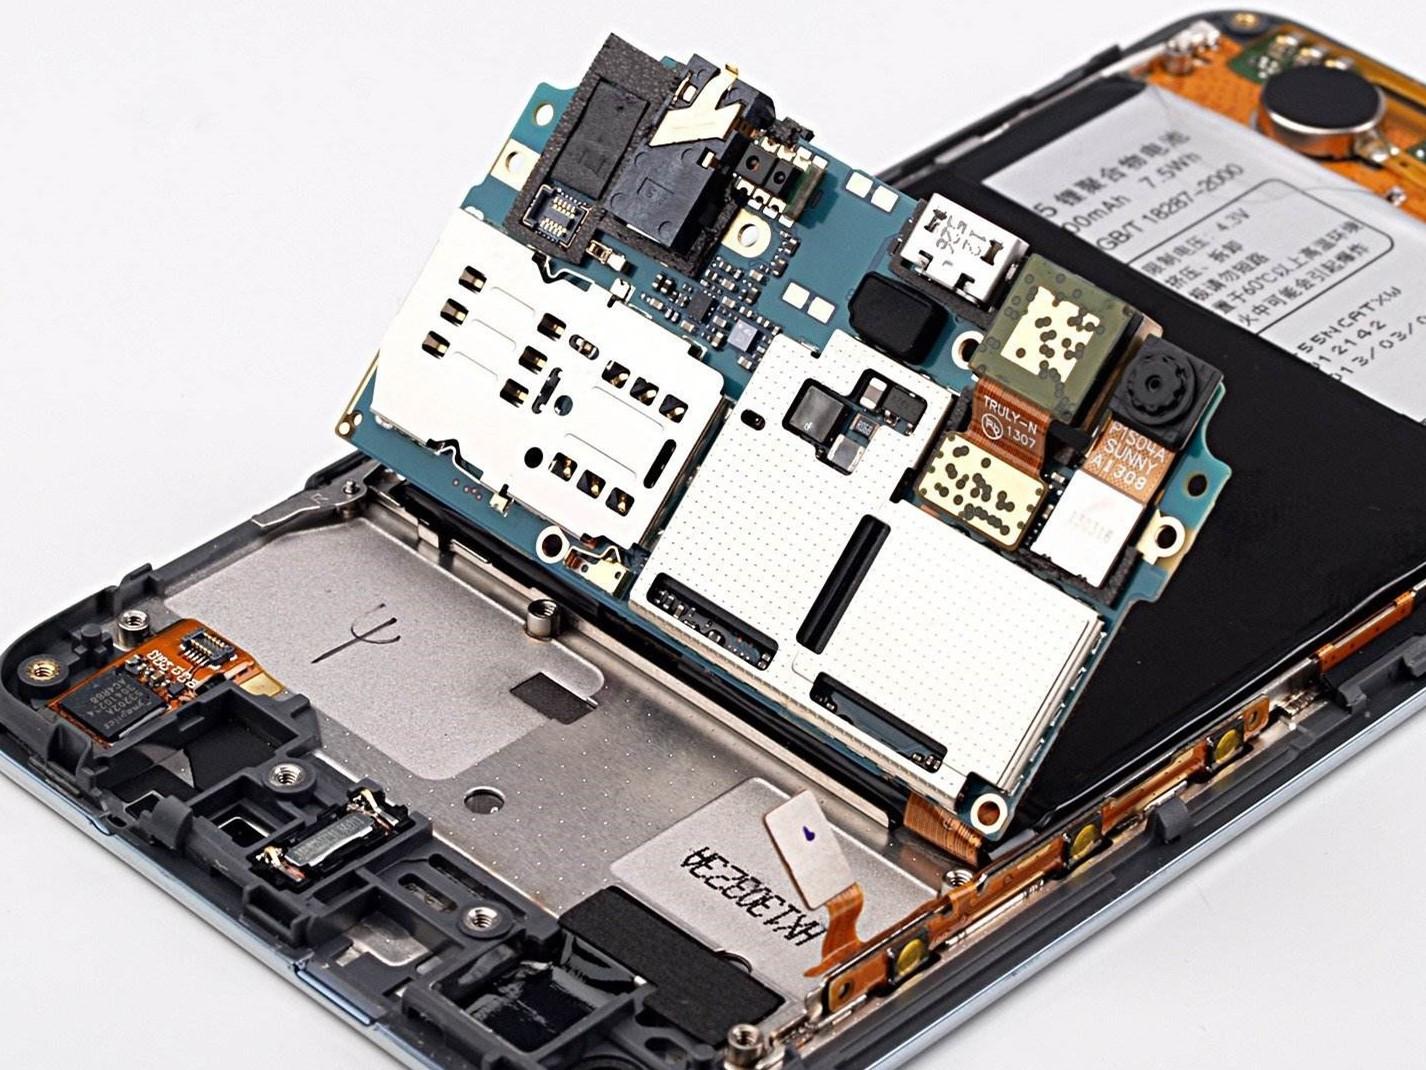 手机主板上的芯片金属屏蔽罩有一边脱落了,这会影响手机芯片运作吗